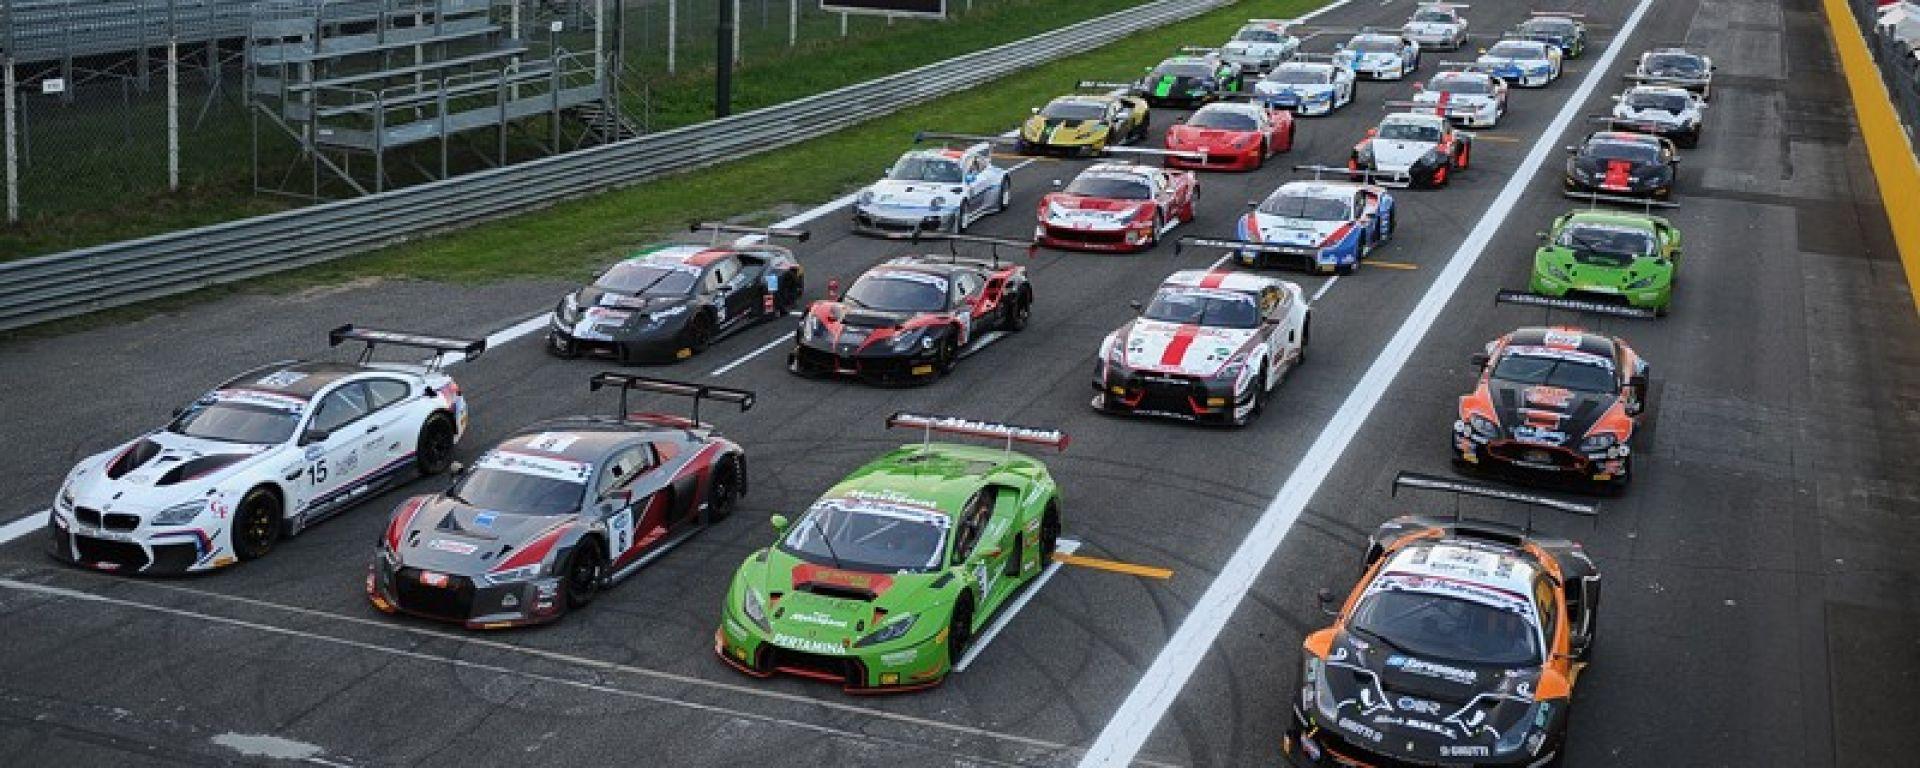 Le vetture del Campionato Italiano GT 2017